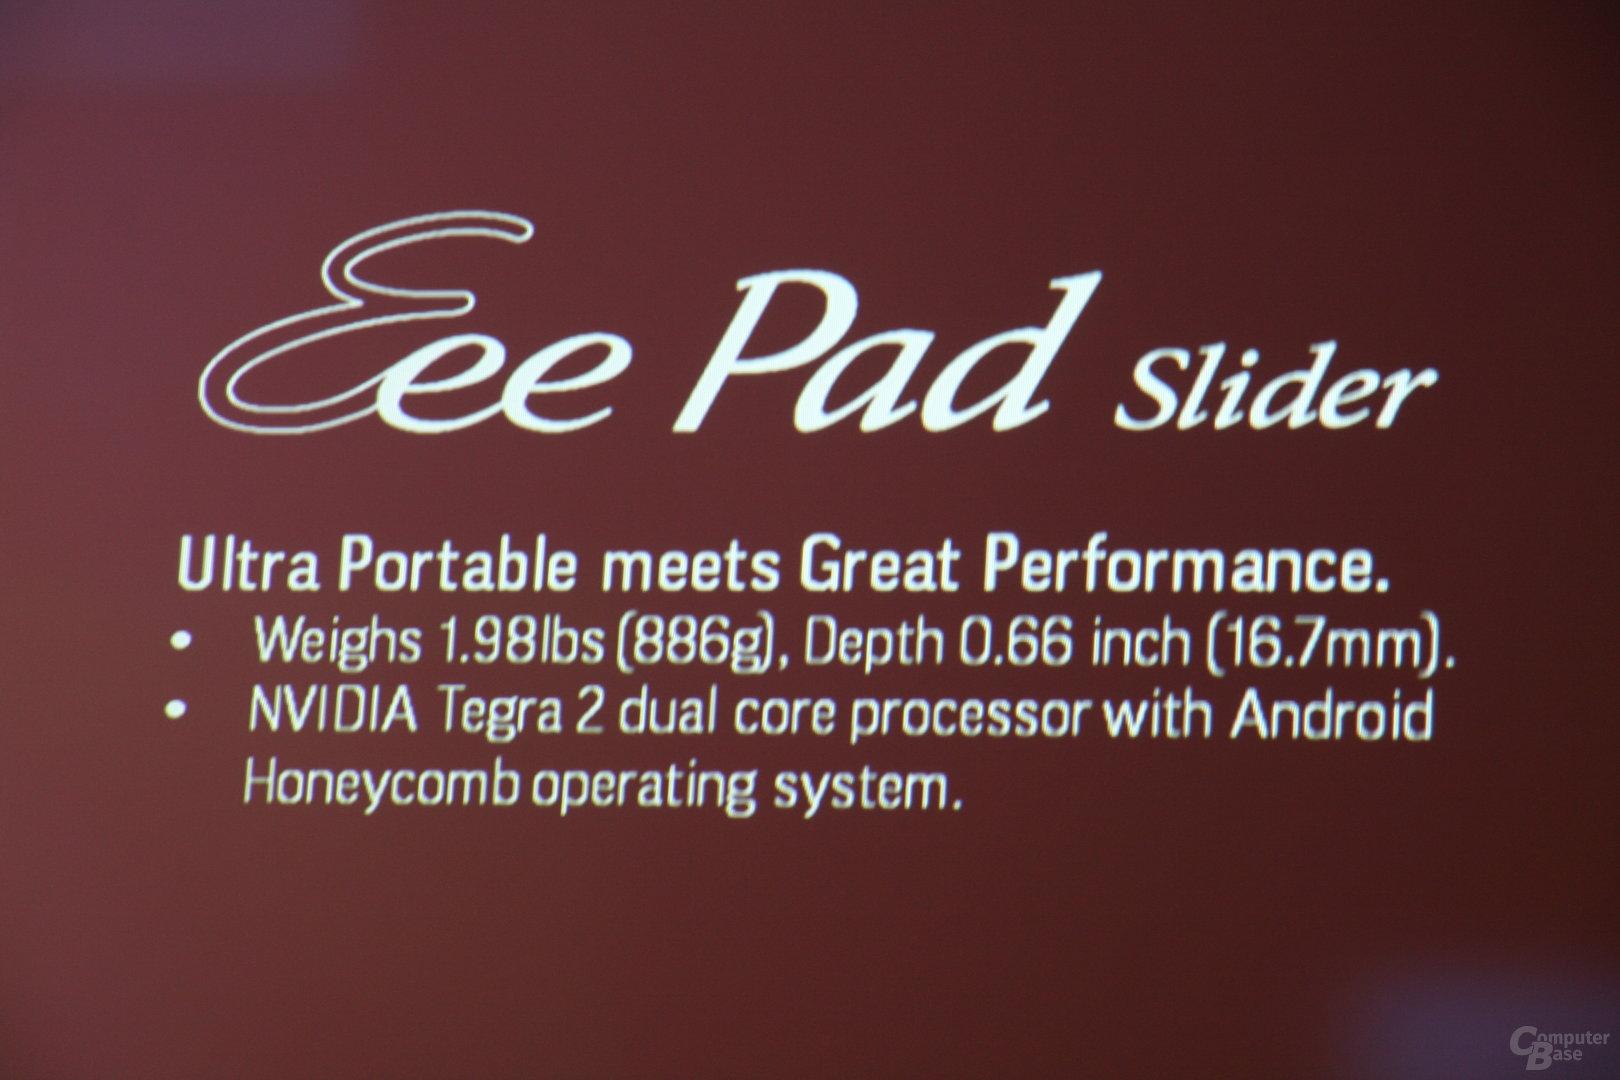 Asus-PK zu Eee Pad und Eee Slate